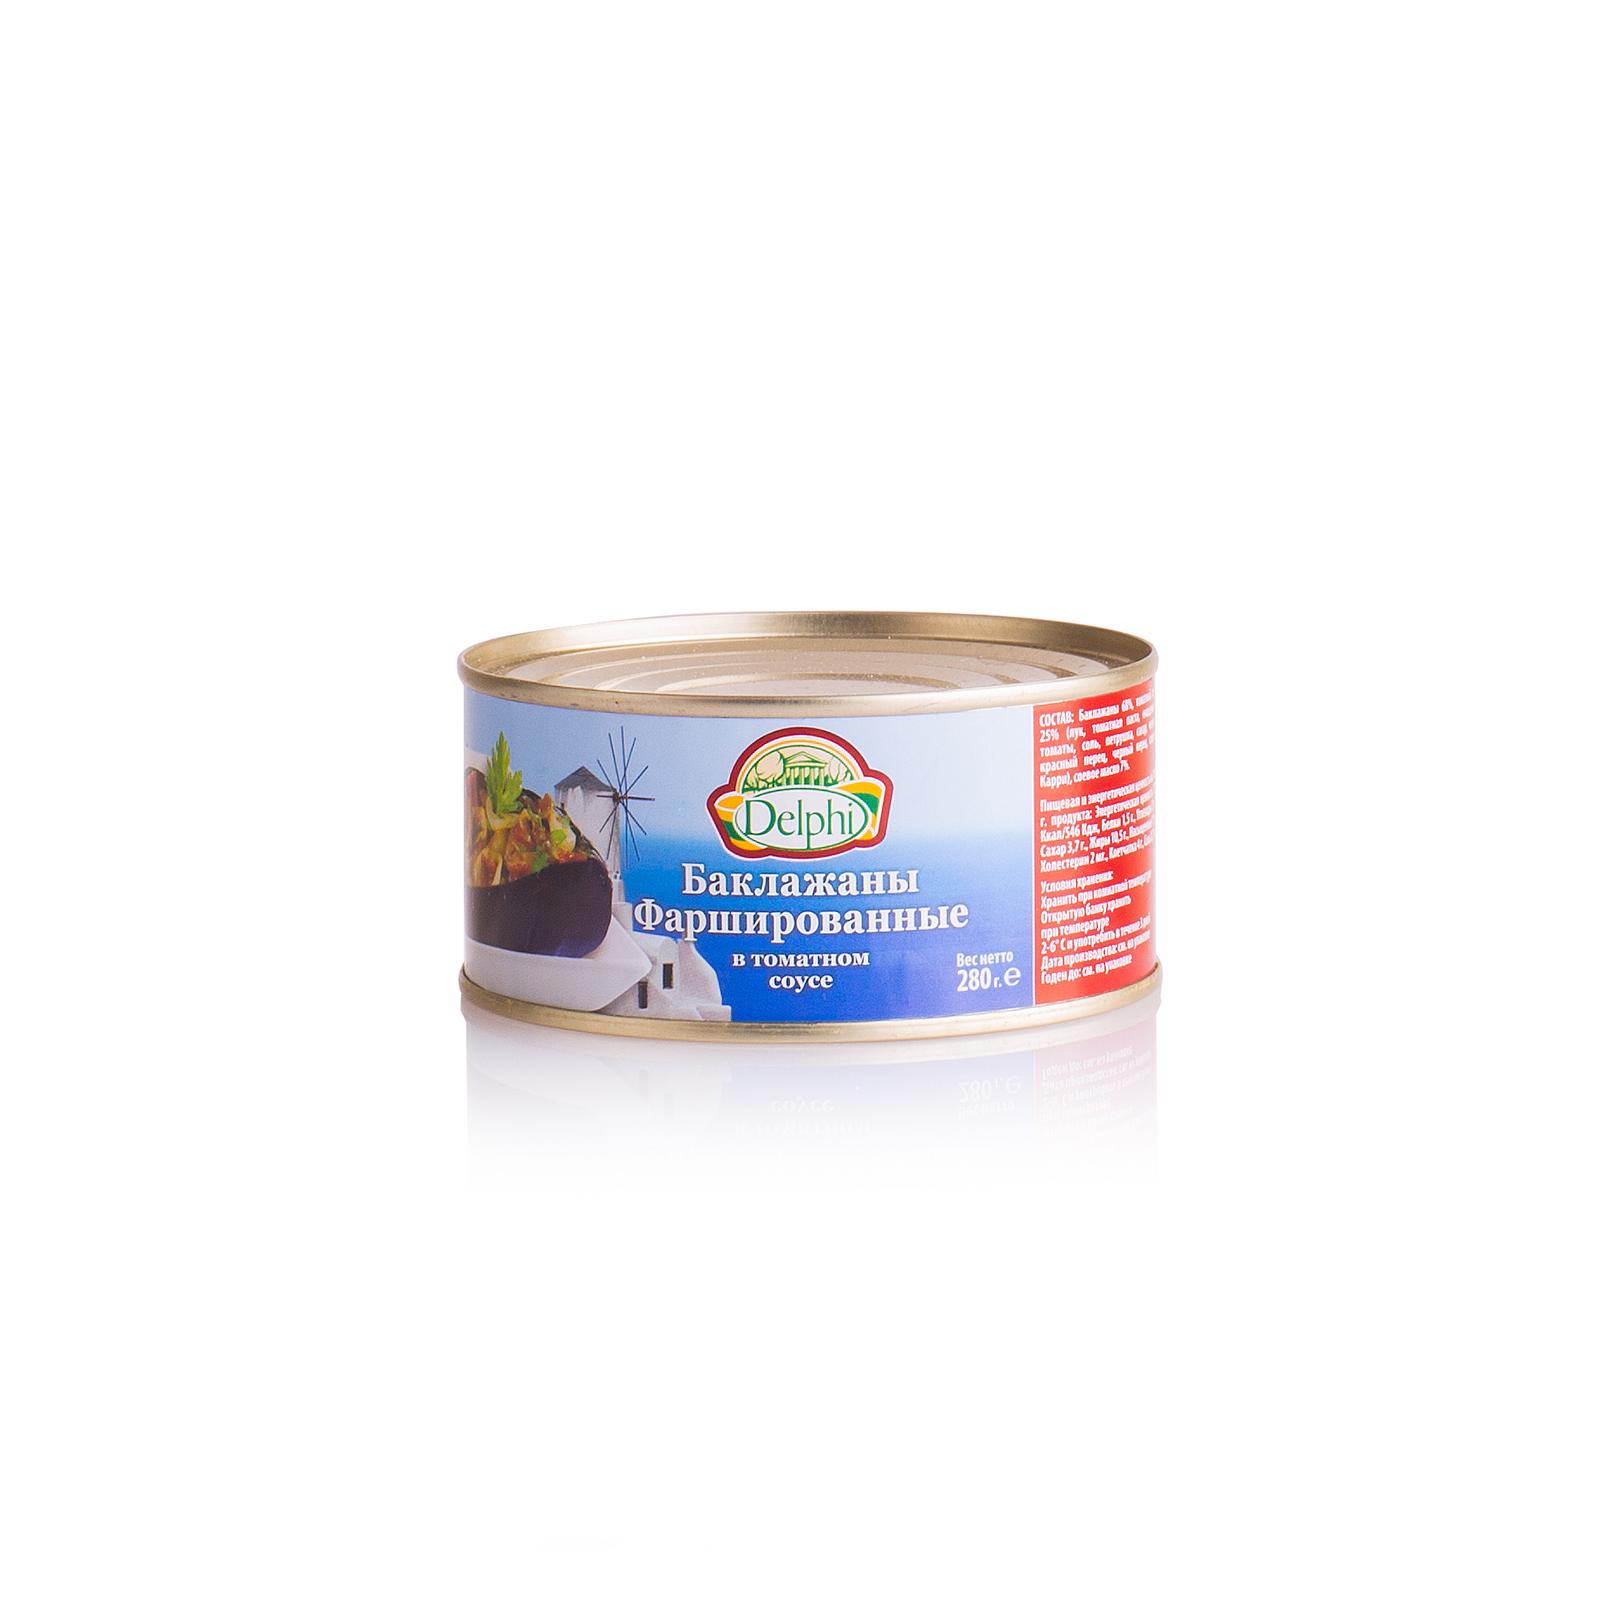 Баклажаны фаршированные, в томатном соусе, DELPHI 280г